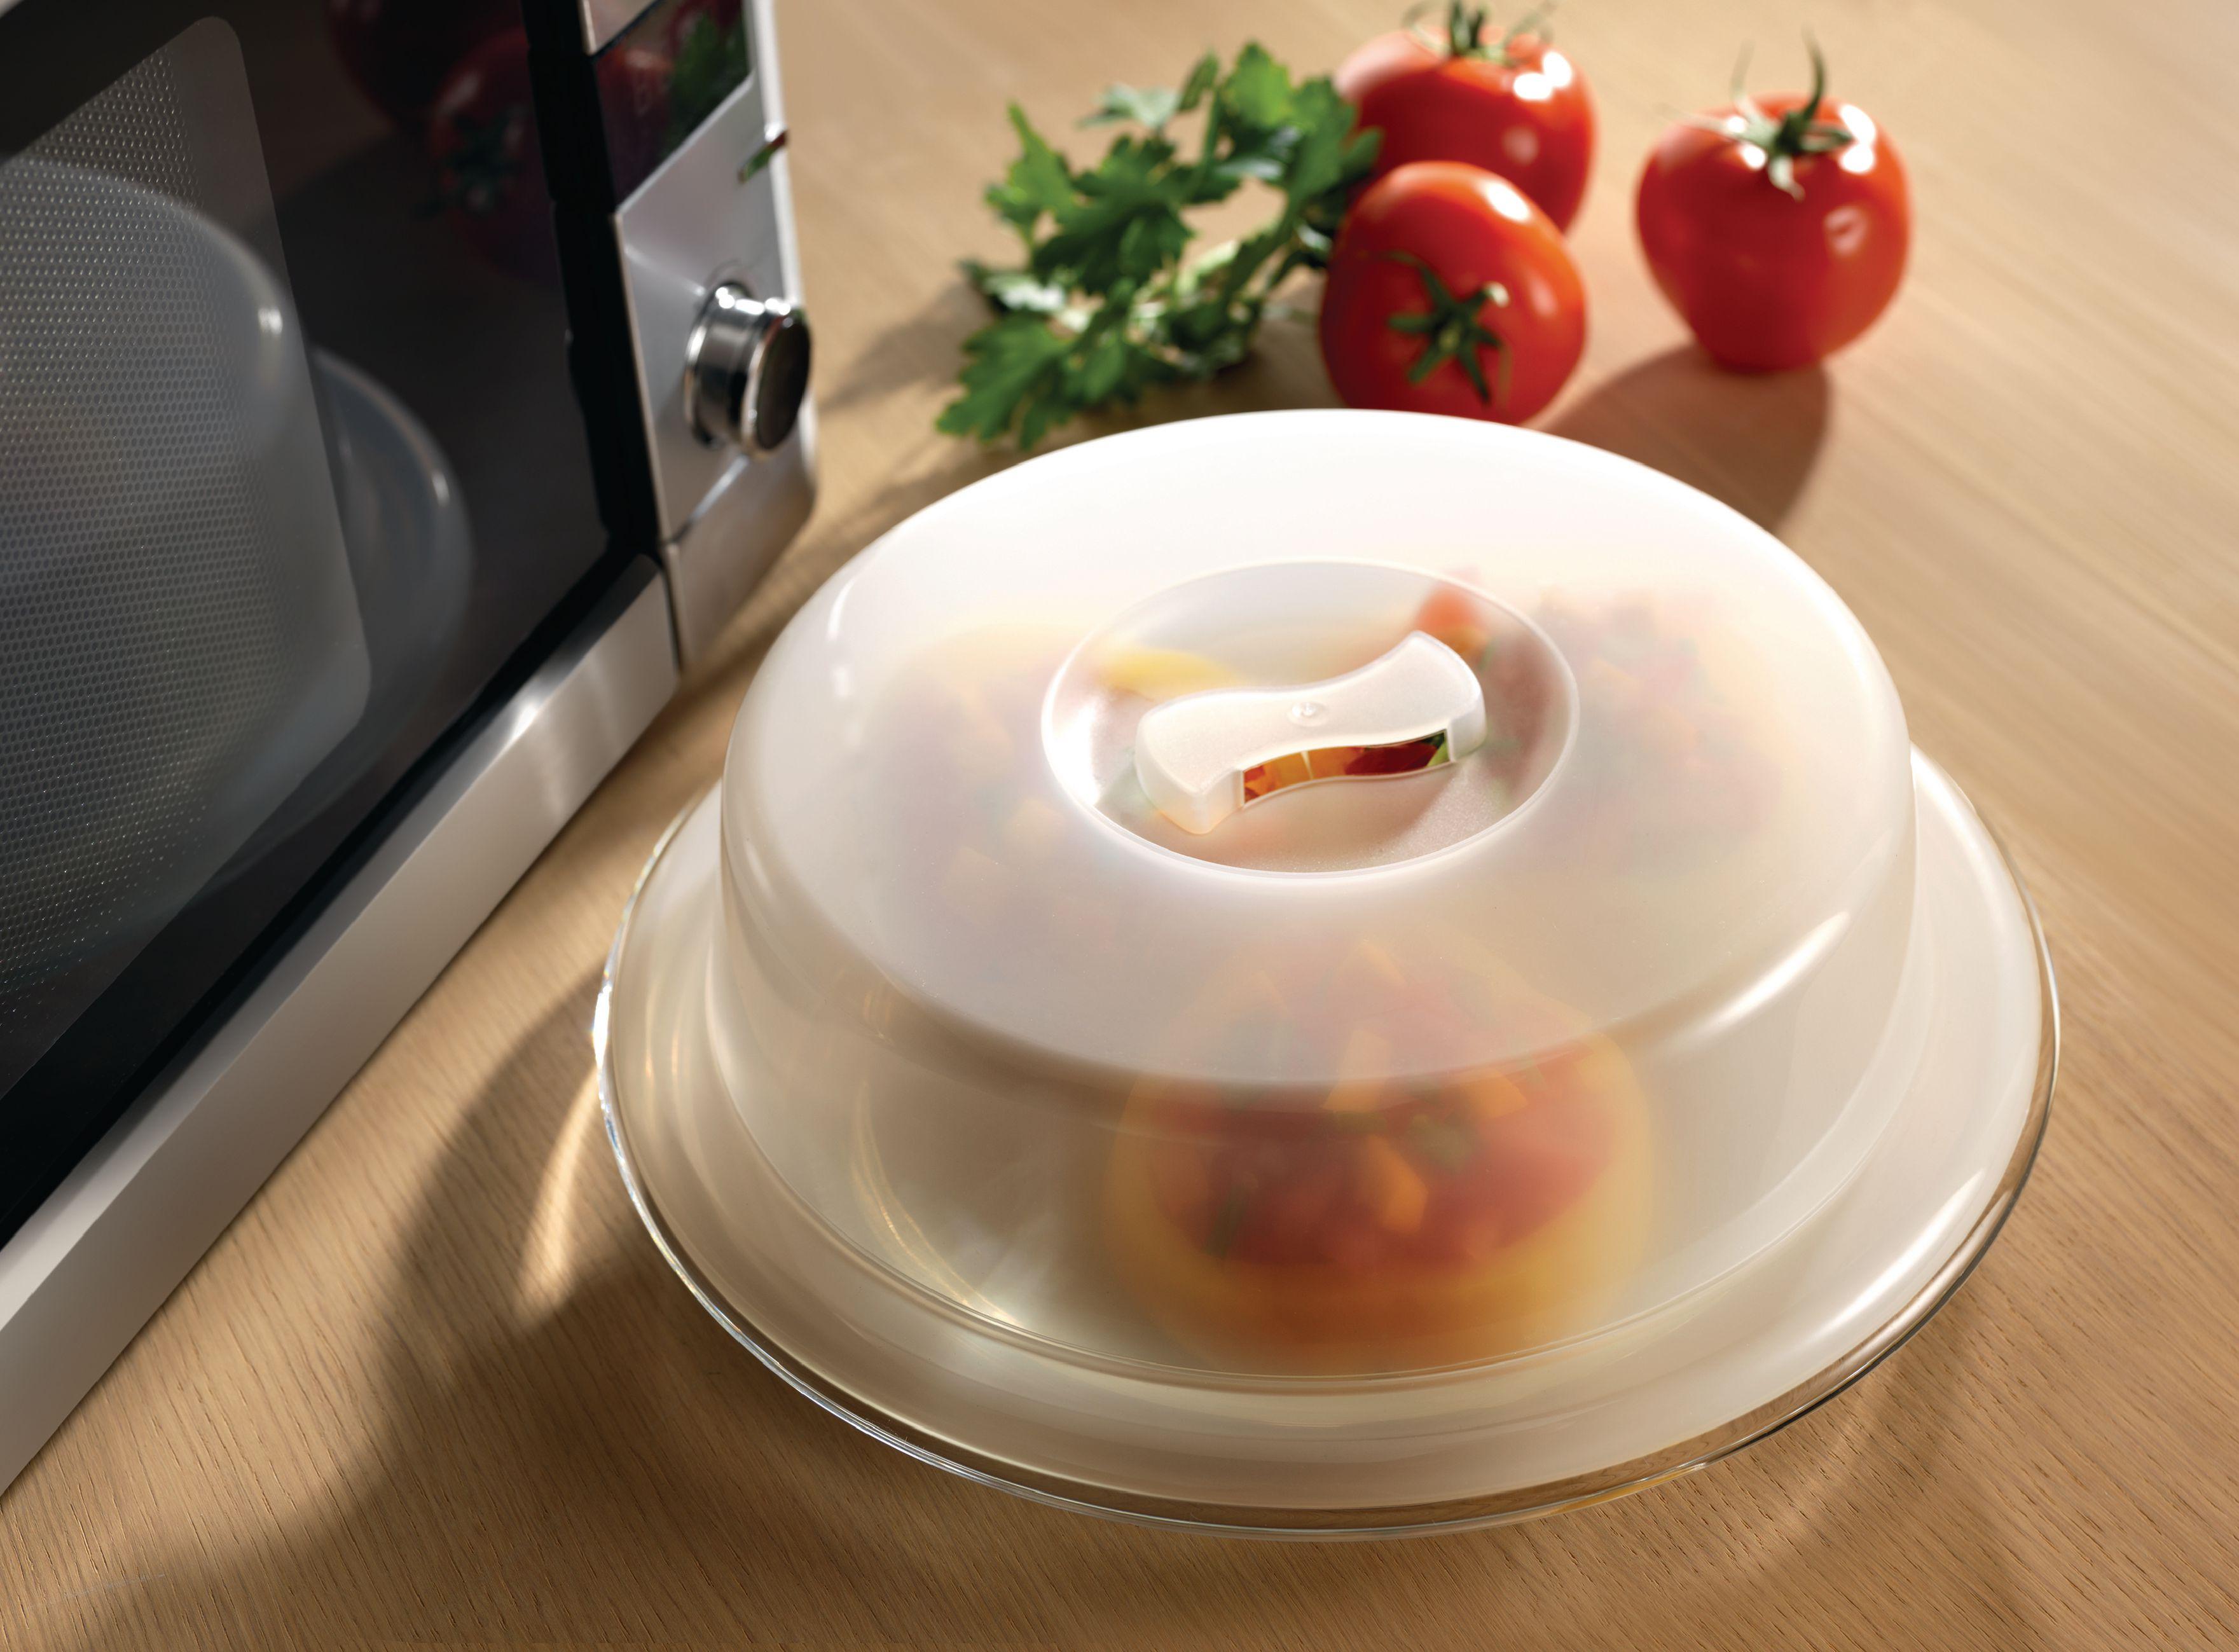 26.5 cm kryt na talíř do mikrovlnné trouby, Electrolux 9029792372